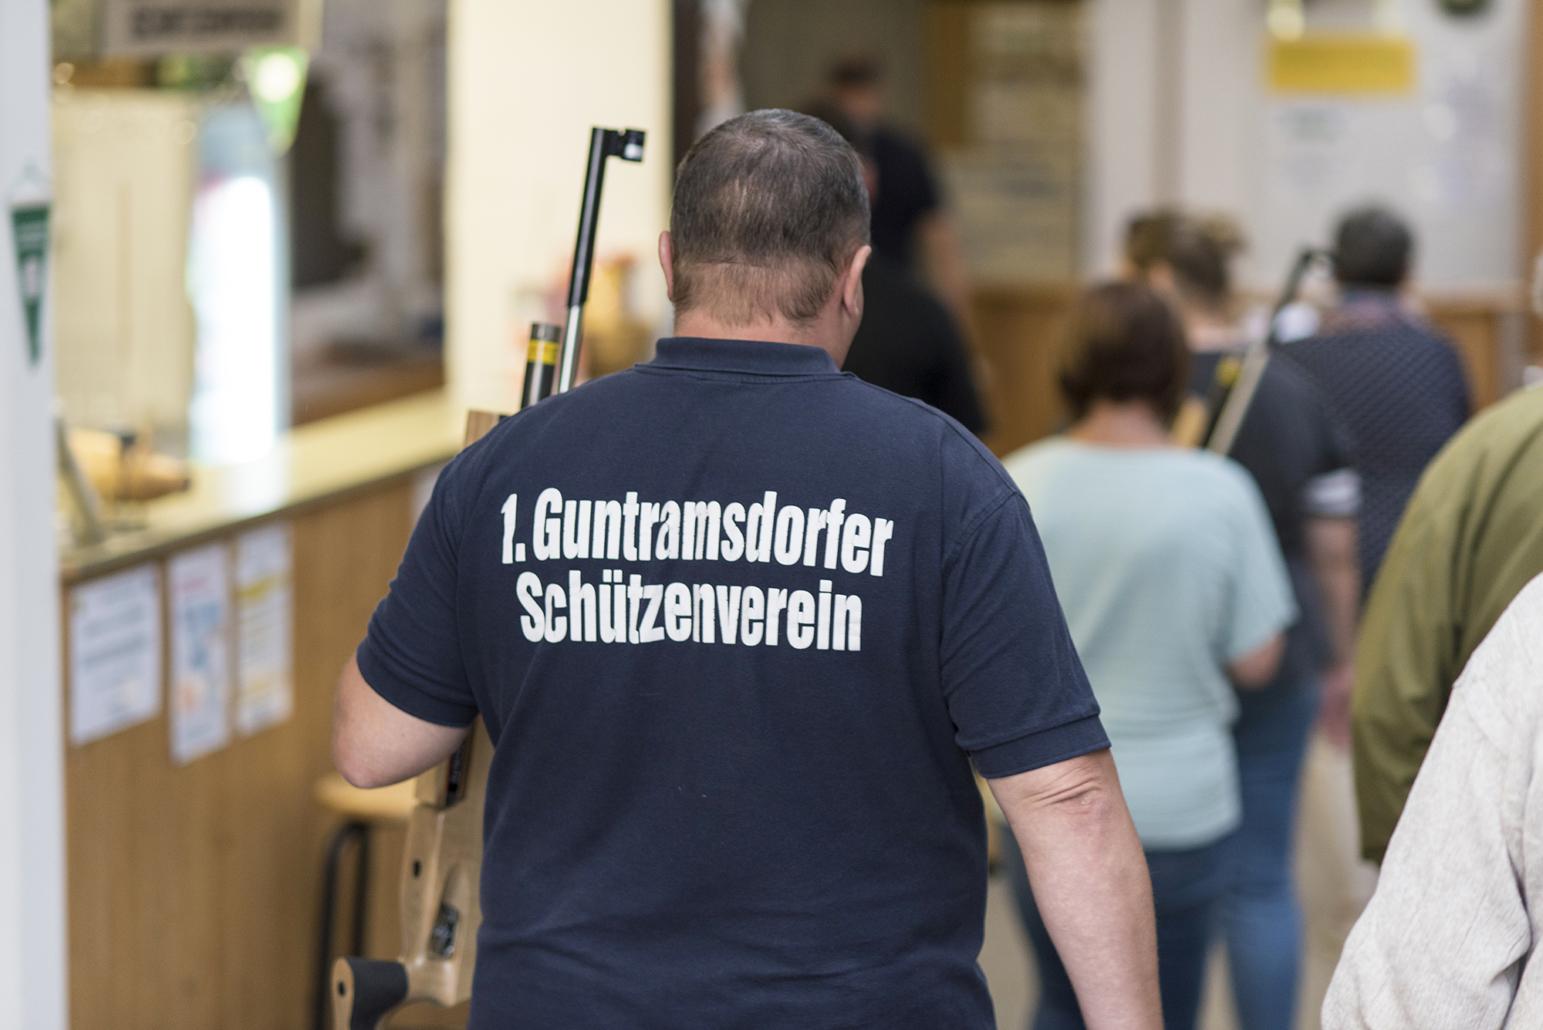 Guntramsdorfer Sportschützenverein - fotocredit: Harry Winkelhofer